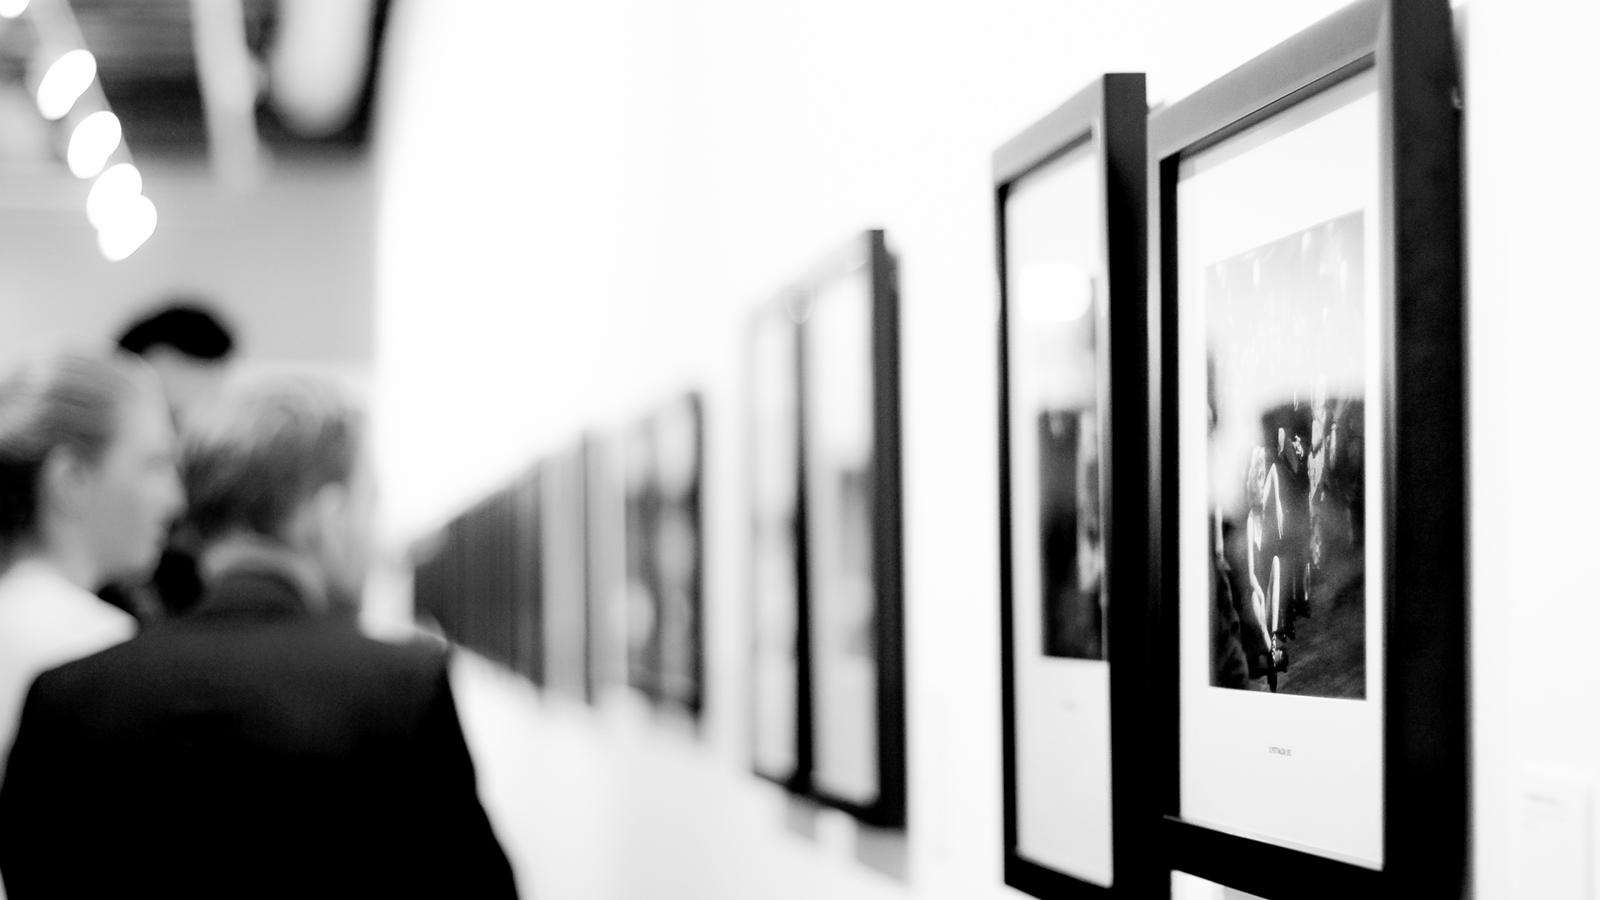 werbeagentur weissraum grafenau ausbildungsplatz Mediengestalter ausstellung museum